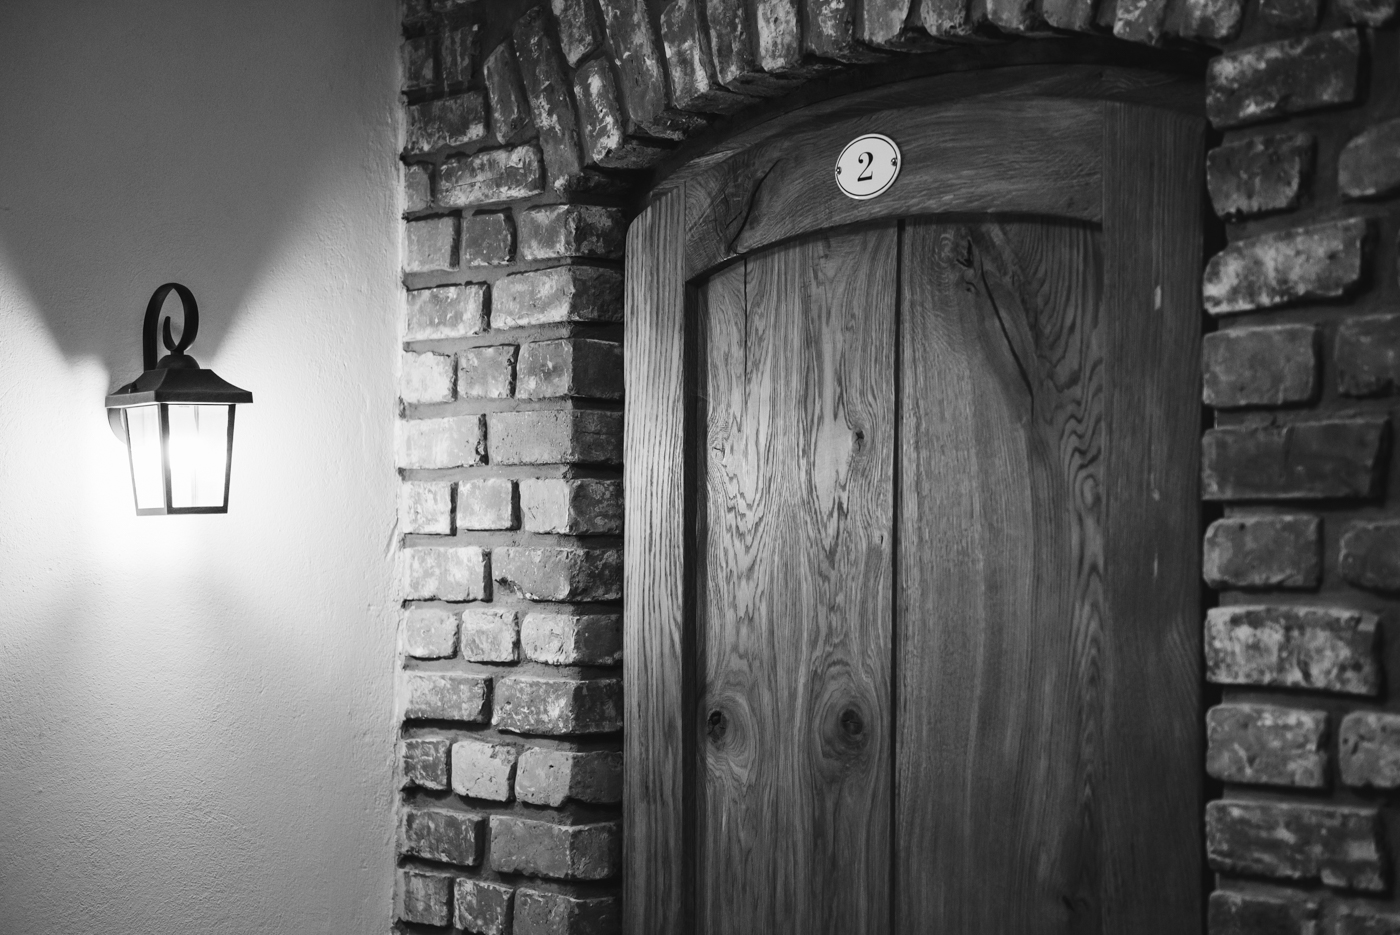 fotografia sebastian magiera, zdjęcia ślubne jelenia góra, galeria, fotograf sebastian magiera, fotograf jelenia góra, naturalne zdjęcia ślubne, jelenia góra, fotografia ślubna jelenia góra, zamek rajsko, fotografia zamek rajsko, fotografia ślubna zamek rajsko, fotograf ślubny olszyna